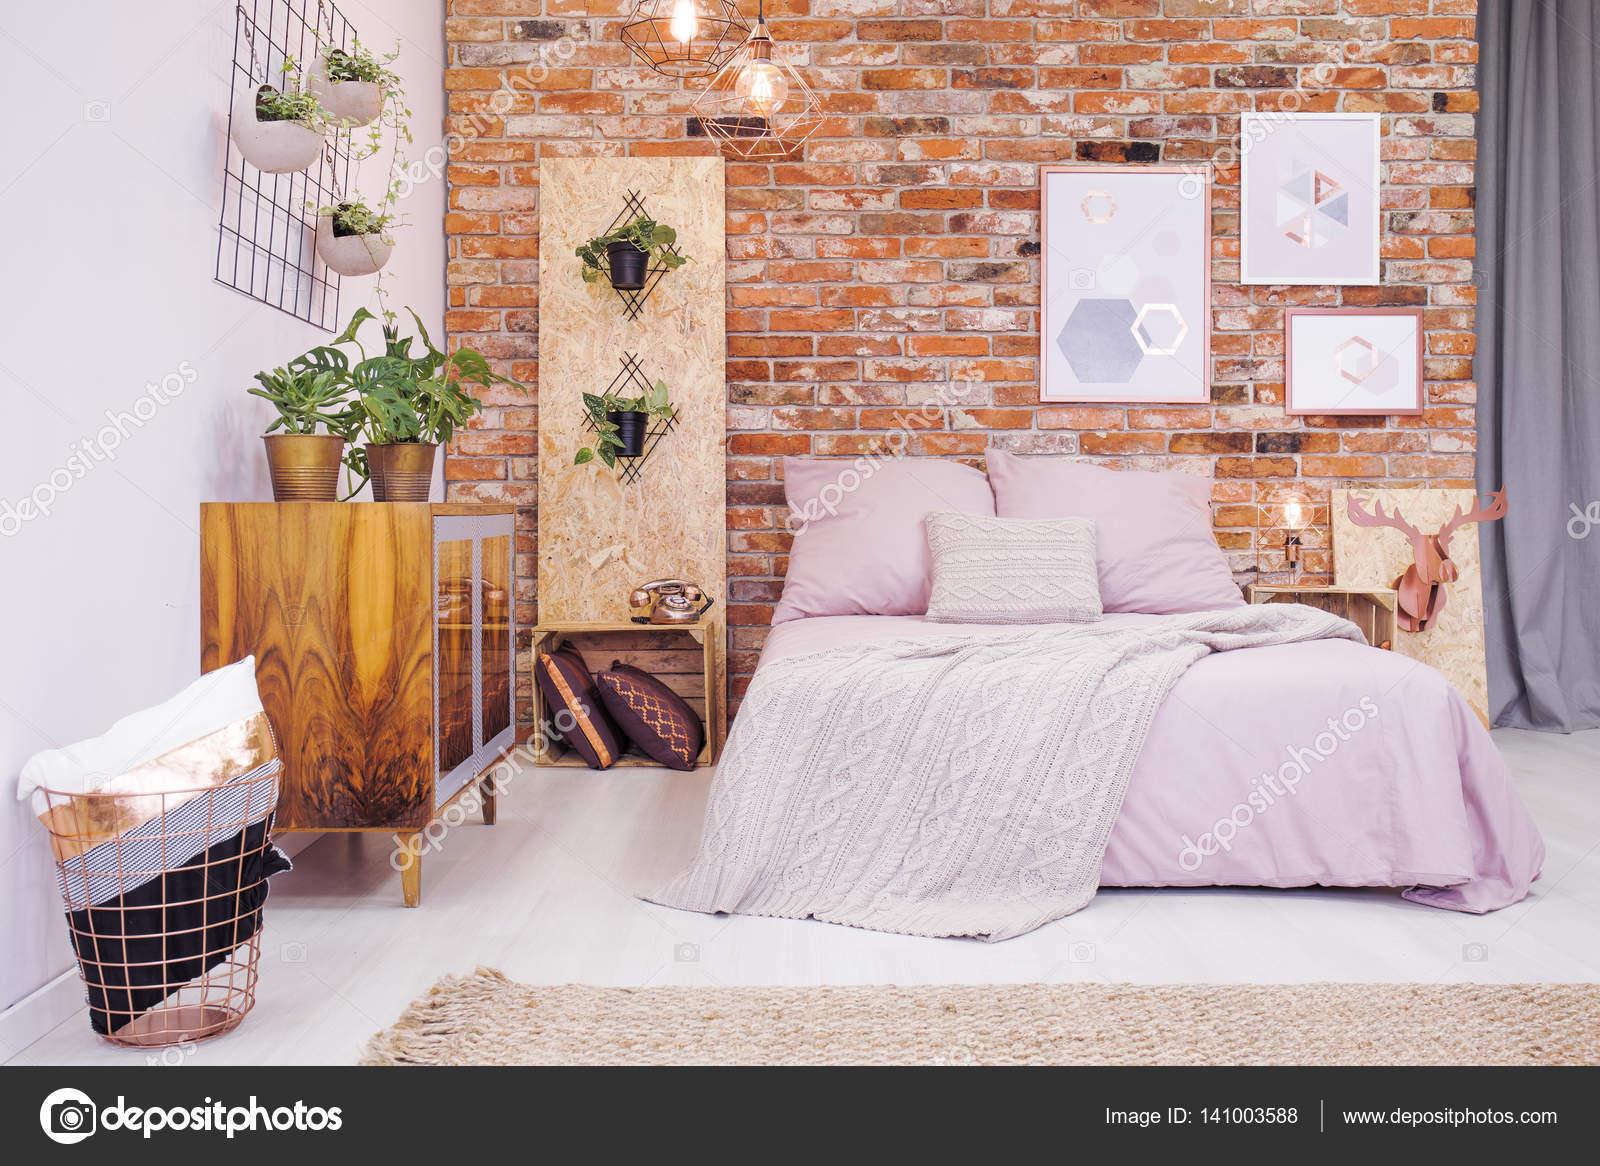 Diy Kamer Decoratie : Slaapkamer met osb decoratie u stockfoto photographee eu